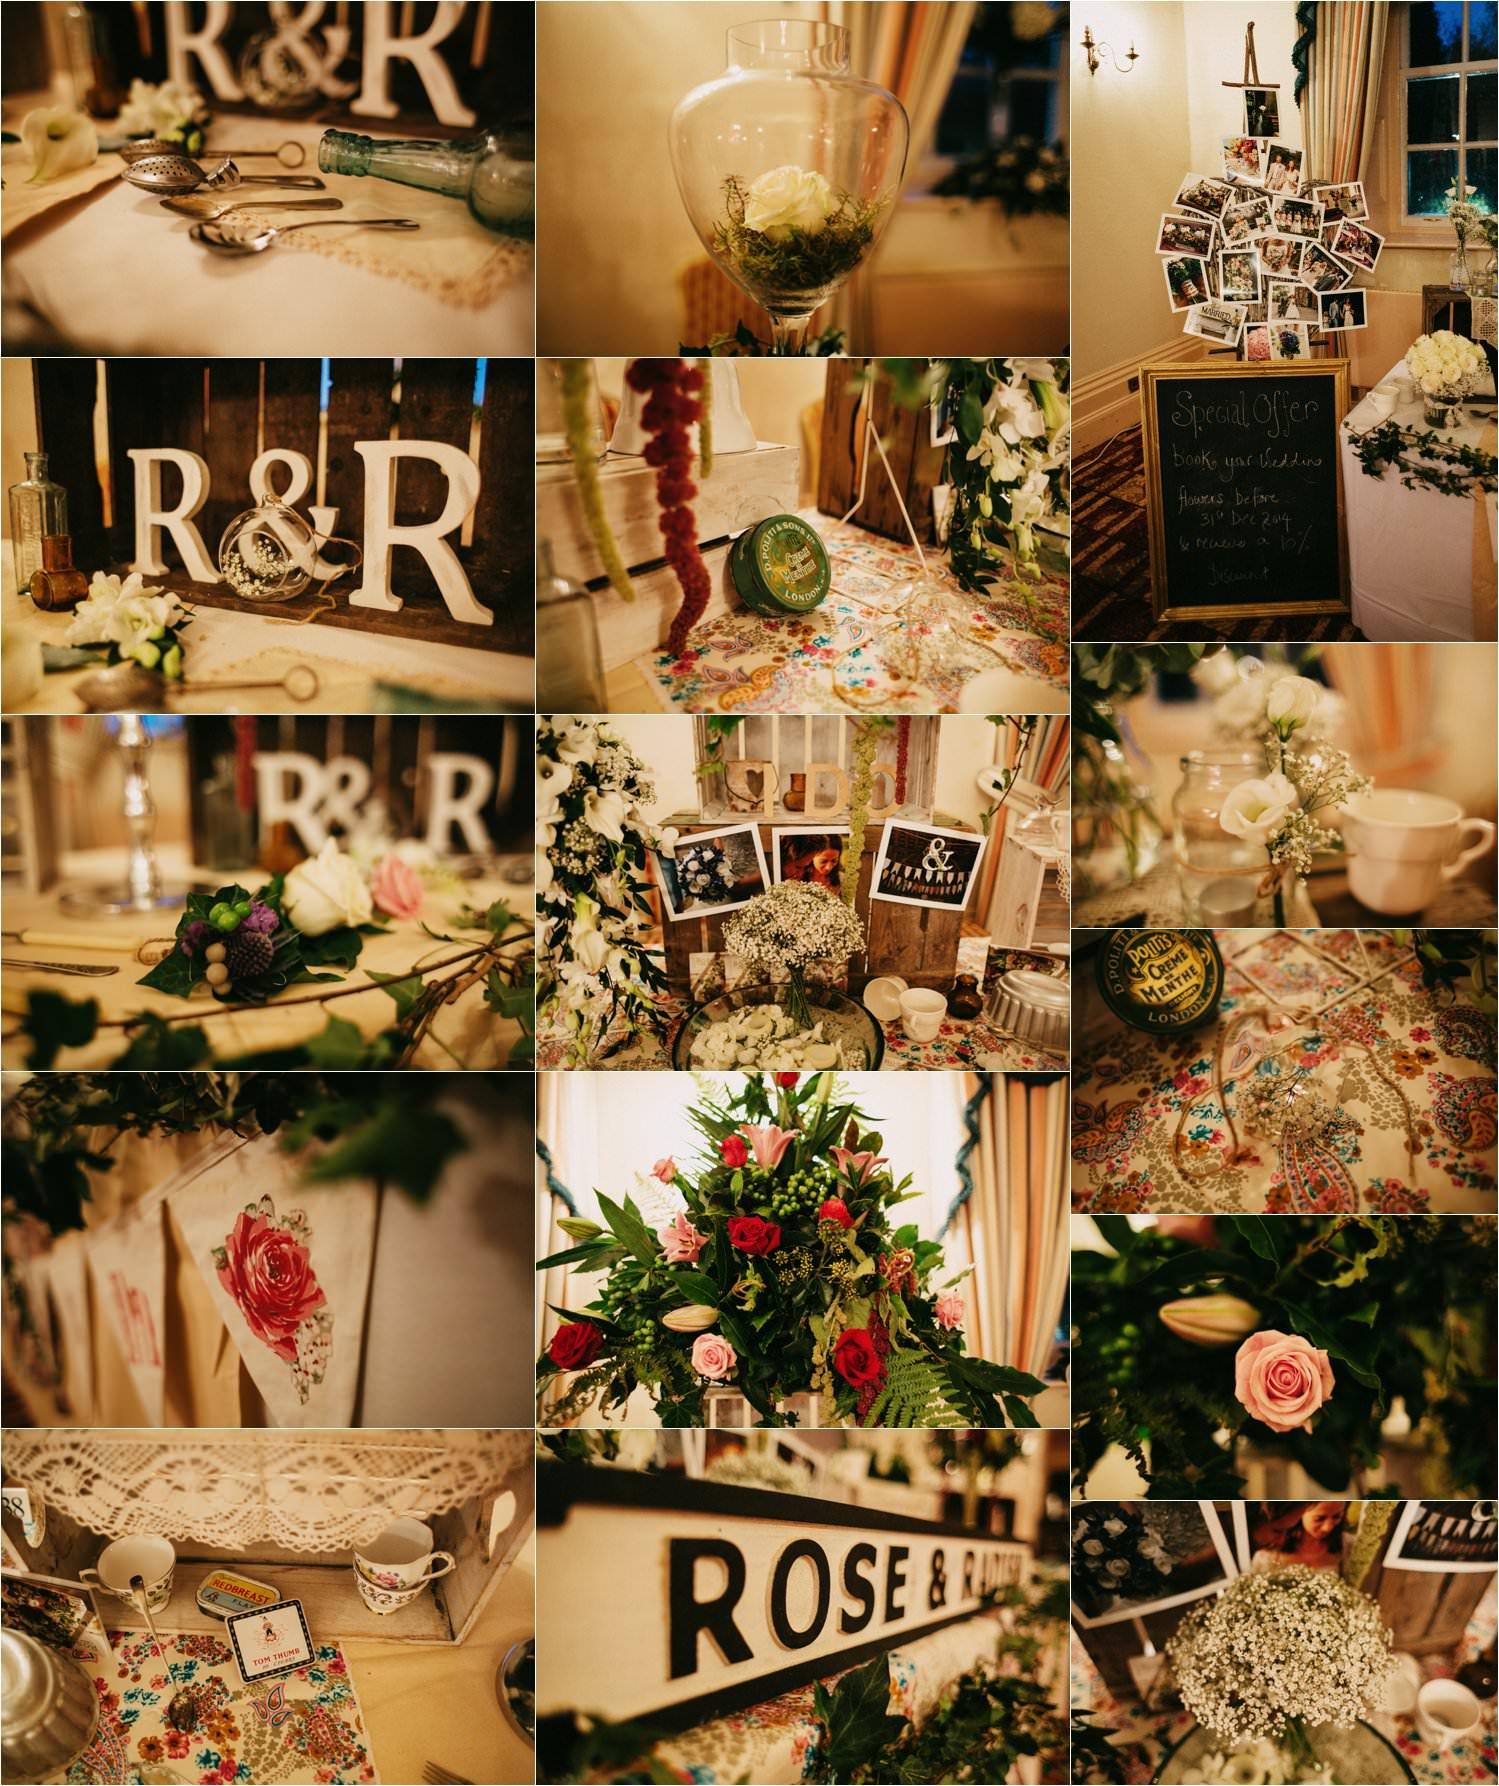 Bosworth-hall-wedding-fayre-35-colour_WEB.jpg